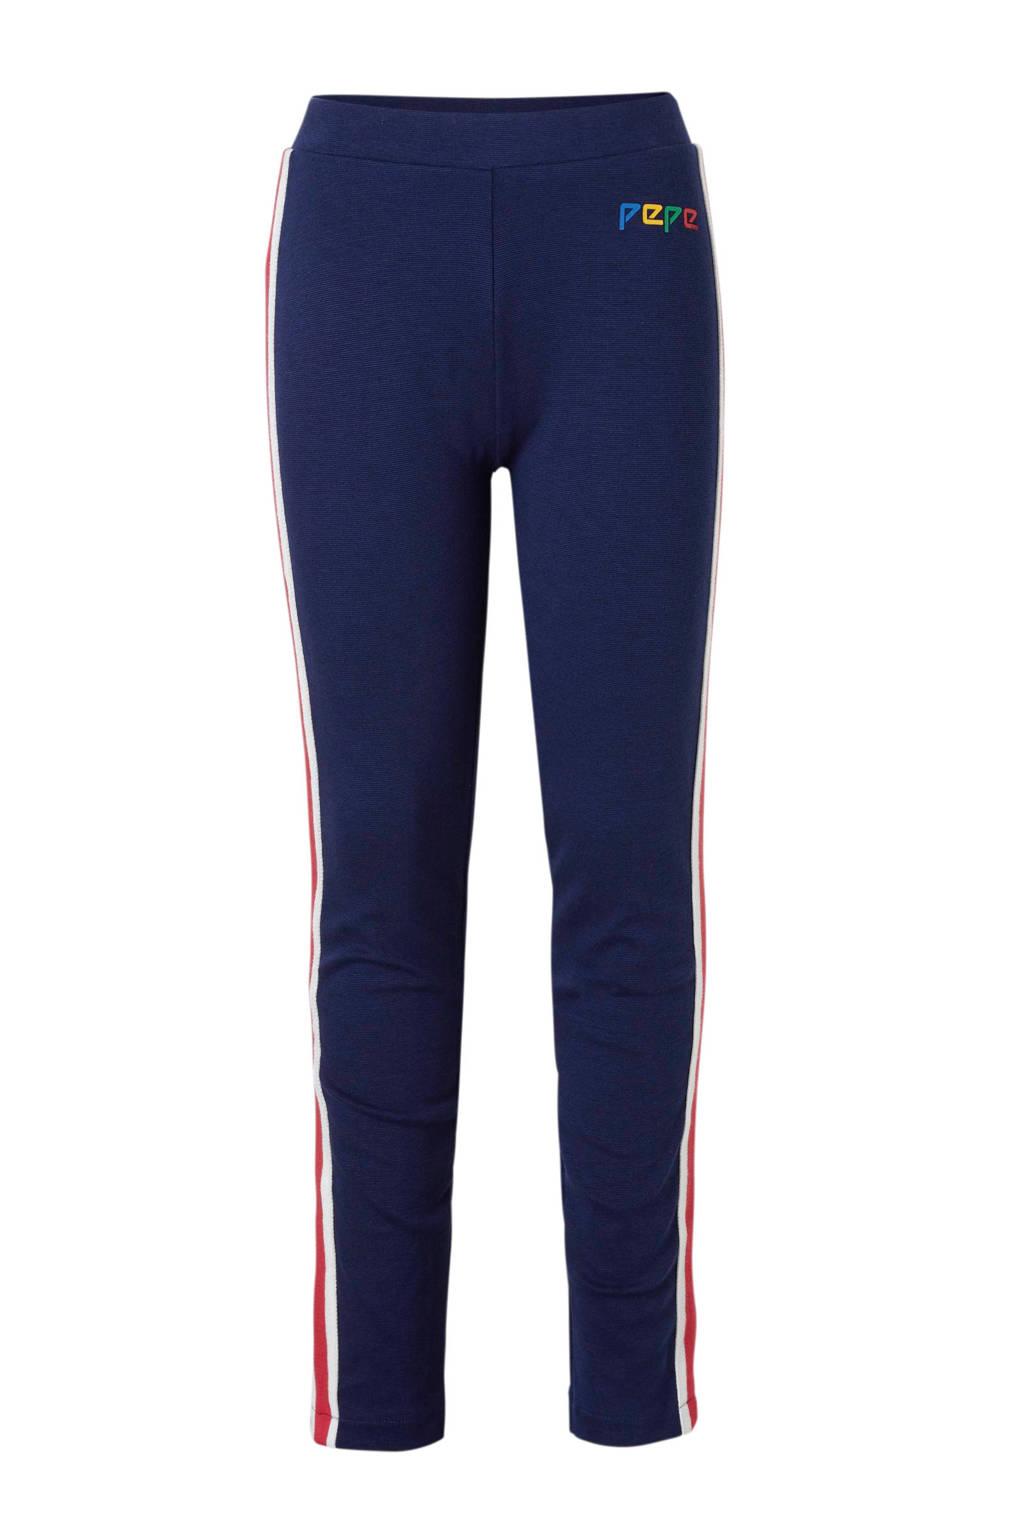 Pepe Jeans broek met contrastbies Alba donkerblauw, Donkerblauw